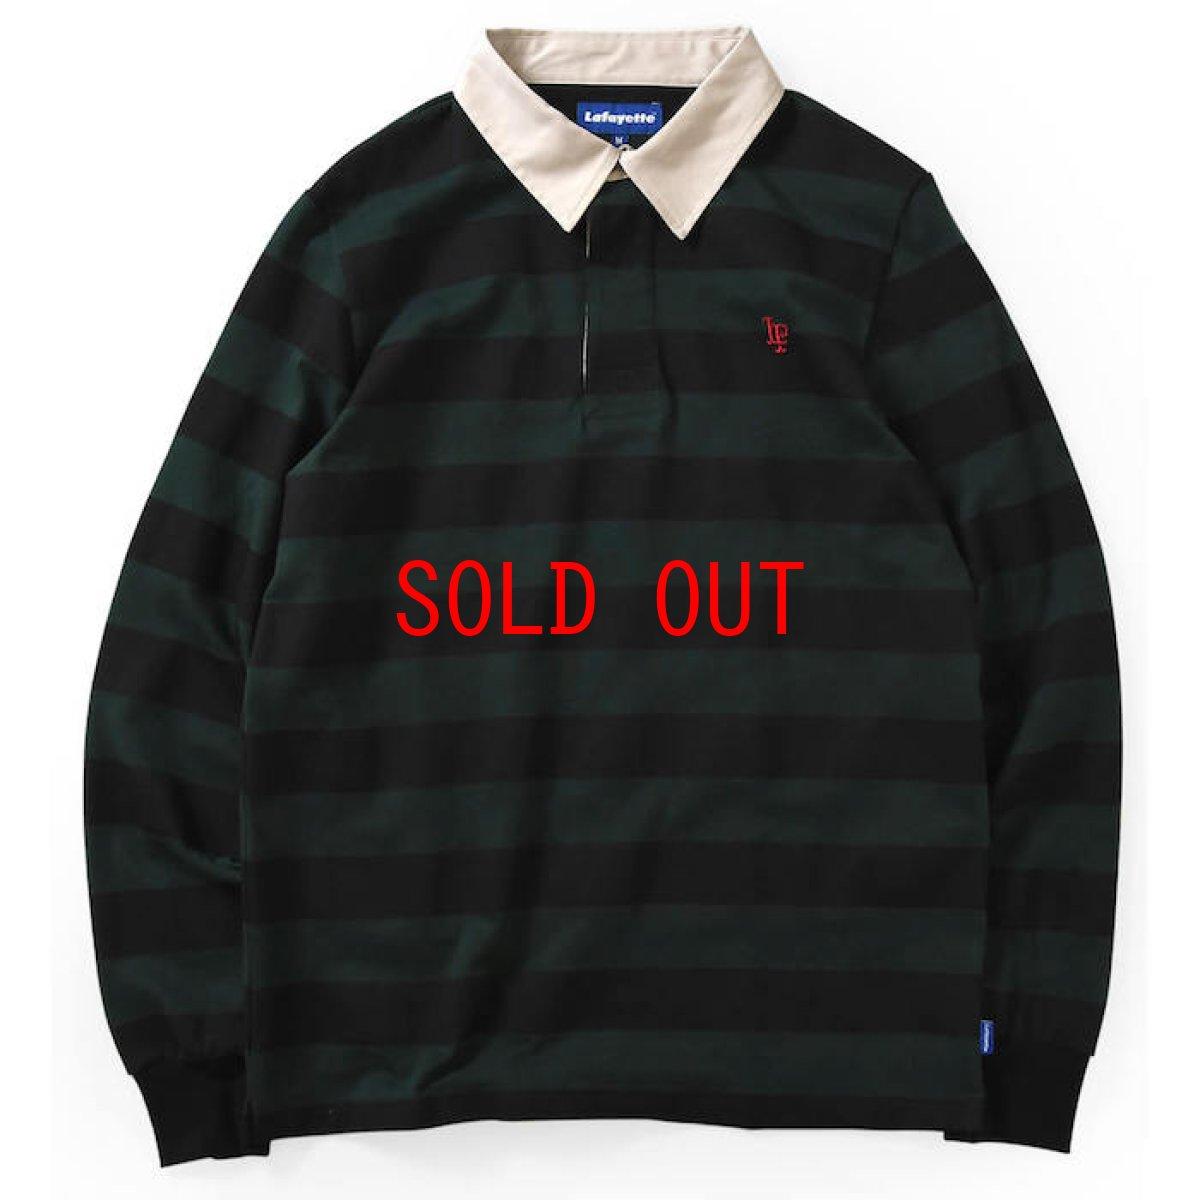 画像1: Lafayette(ラファイエット) LF Logo Striped Rugby Shirt ストライプ ボーダー ラガーシャツ ラグビー シャツ Green Black (1)